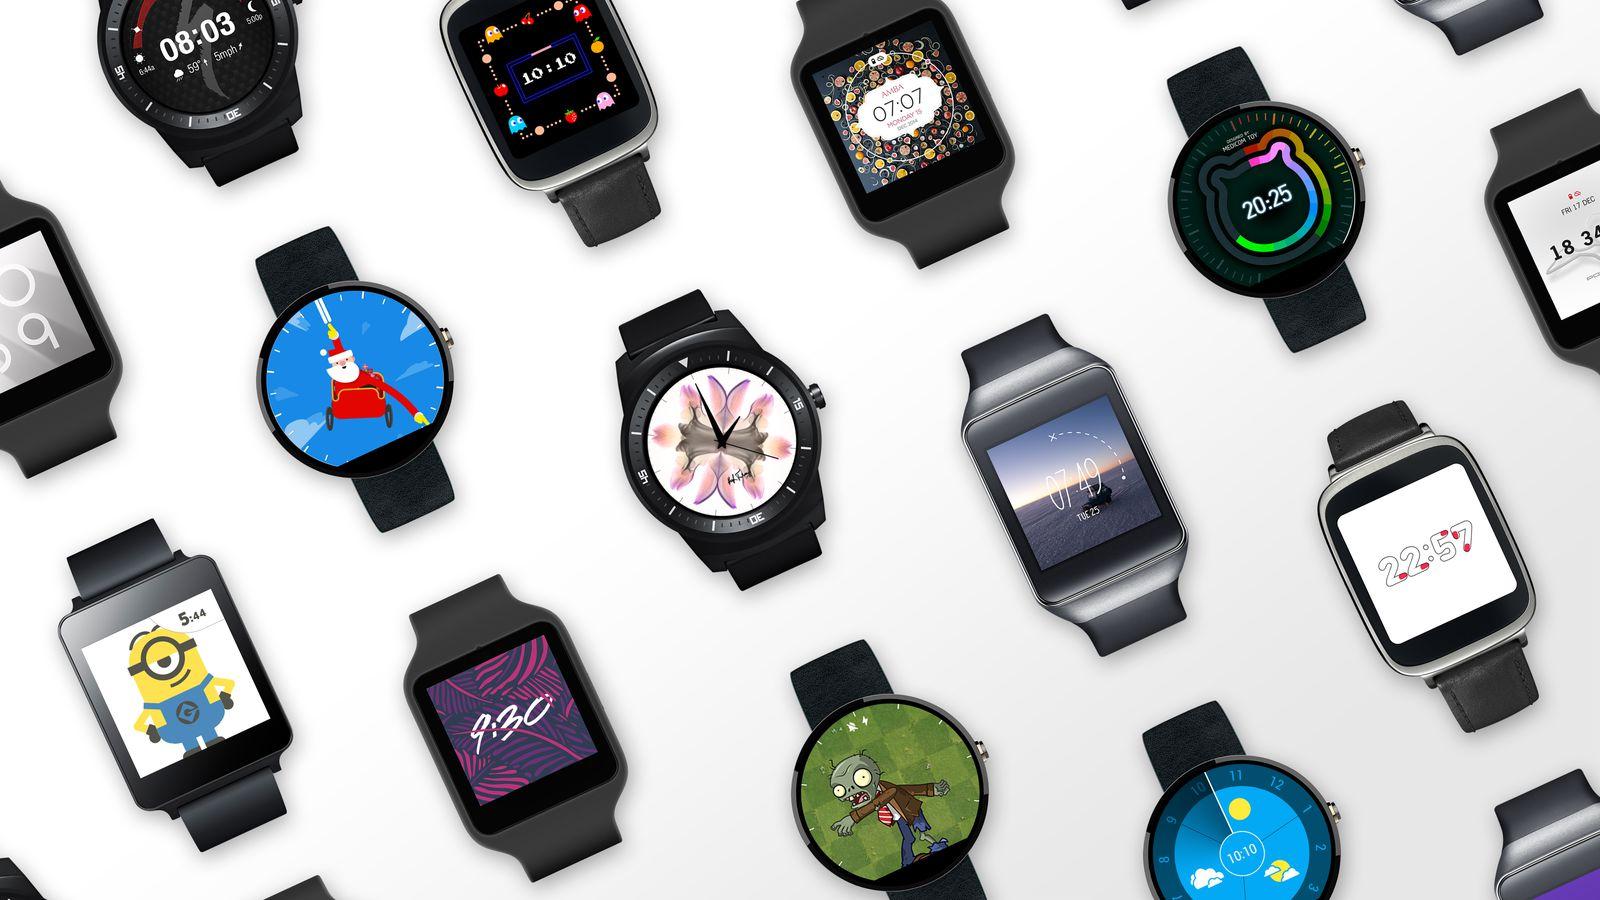 e2a95a9ecab TÓPICO DEDICADO  - Smartwatches (LG